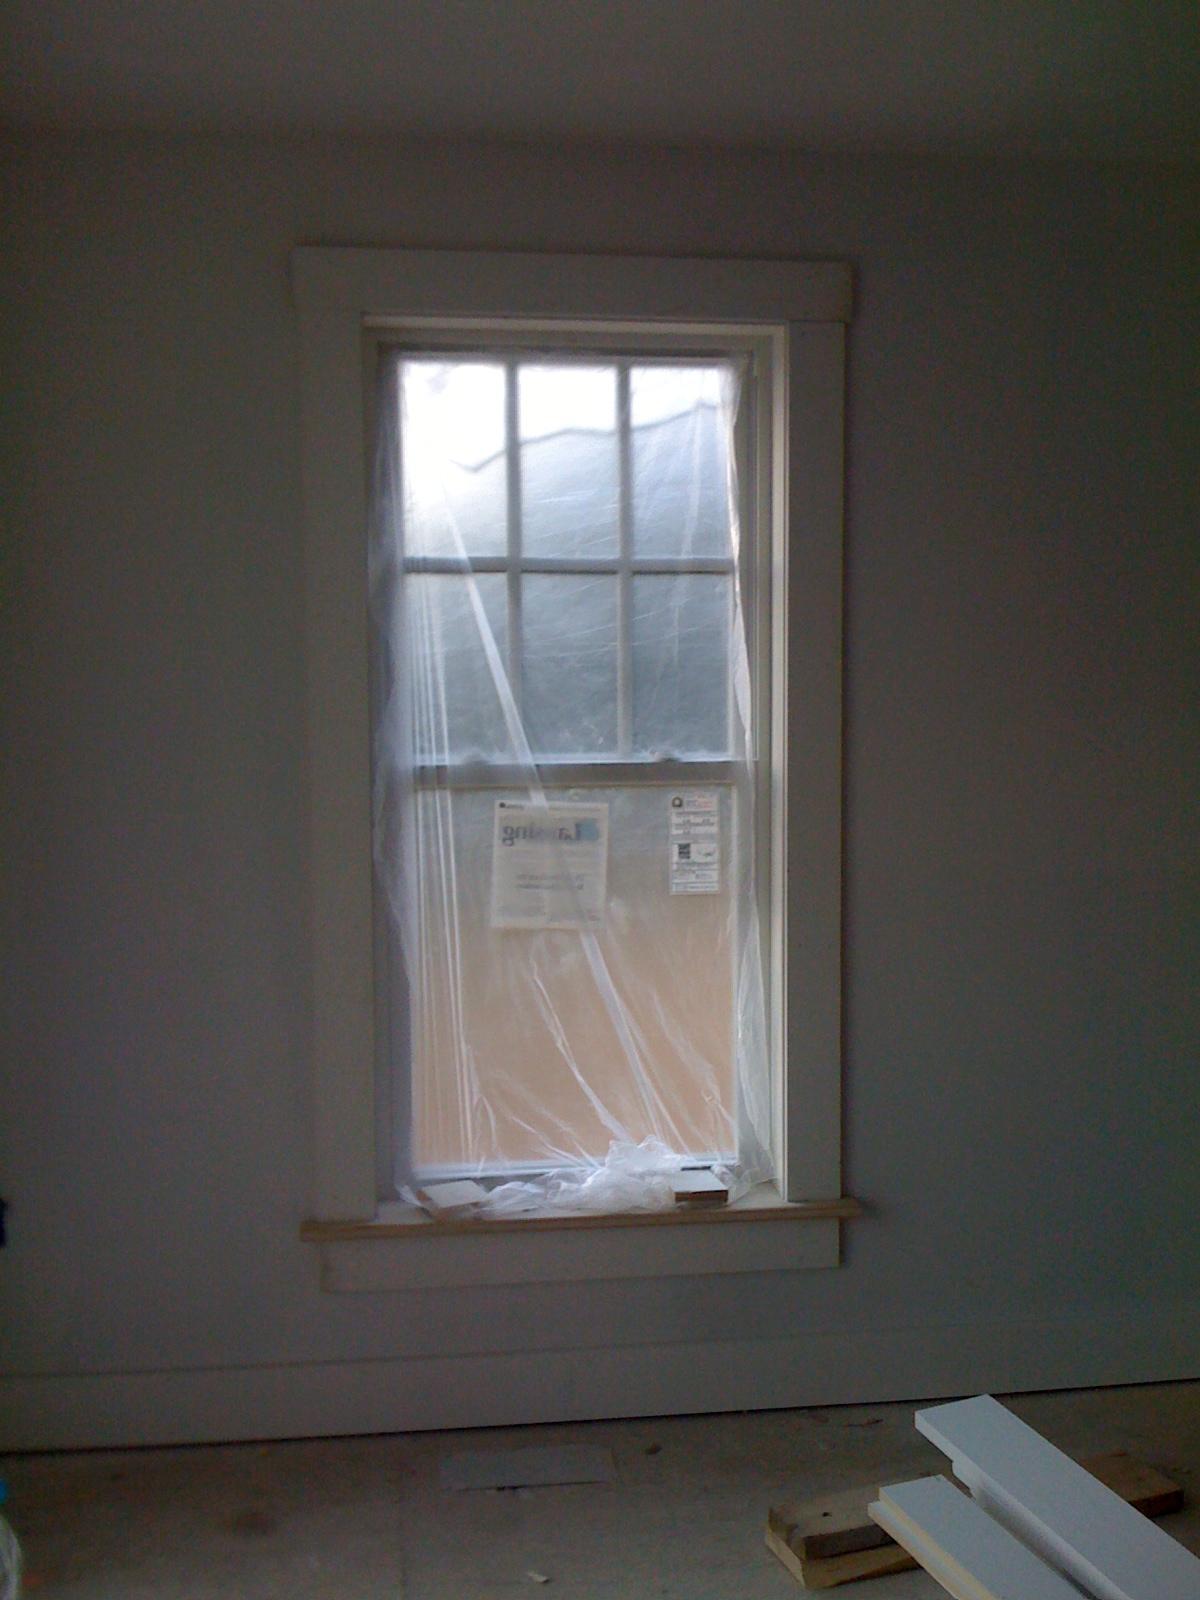 Nova greenovation trim and interior doors - Interior door with window on top ...